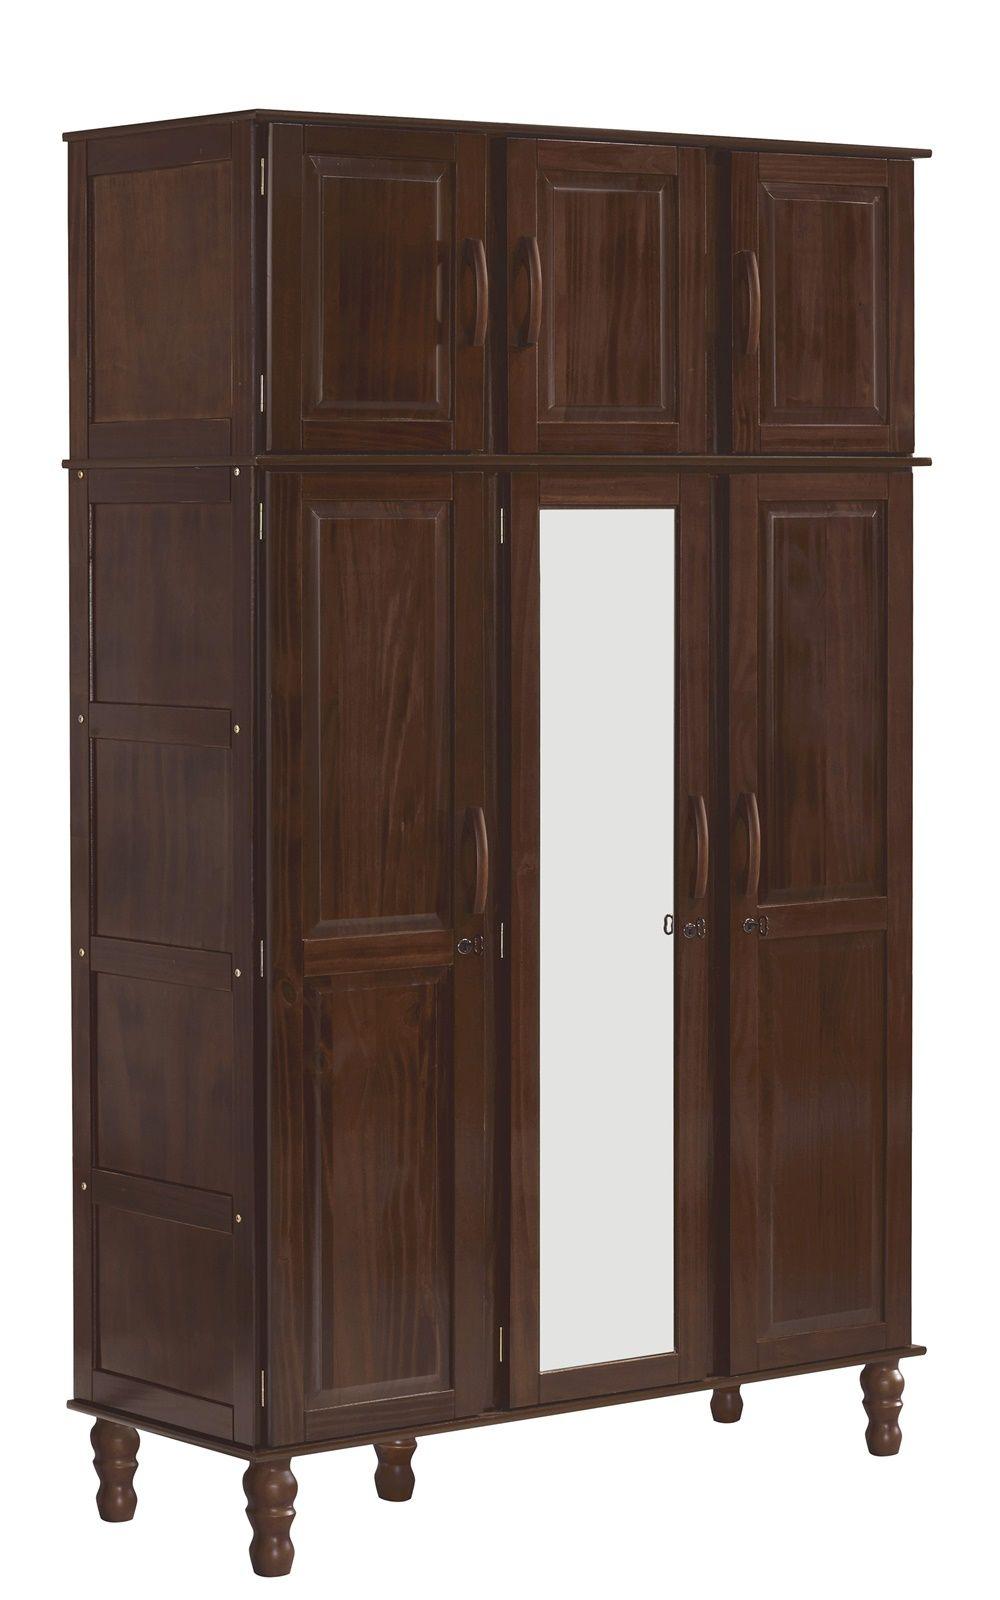 Roupeiro Essencial - 6 Portas - 2 Gavetas - Madeira Maciça com Mdf - Castanho